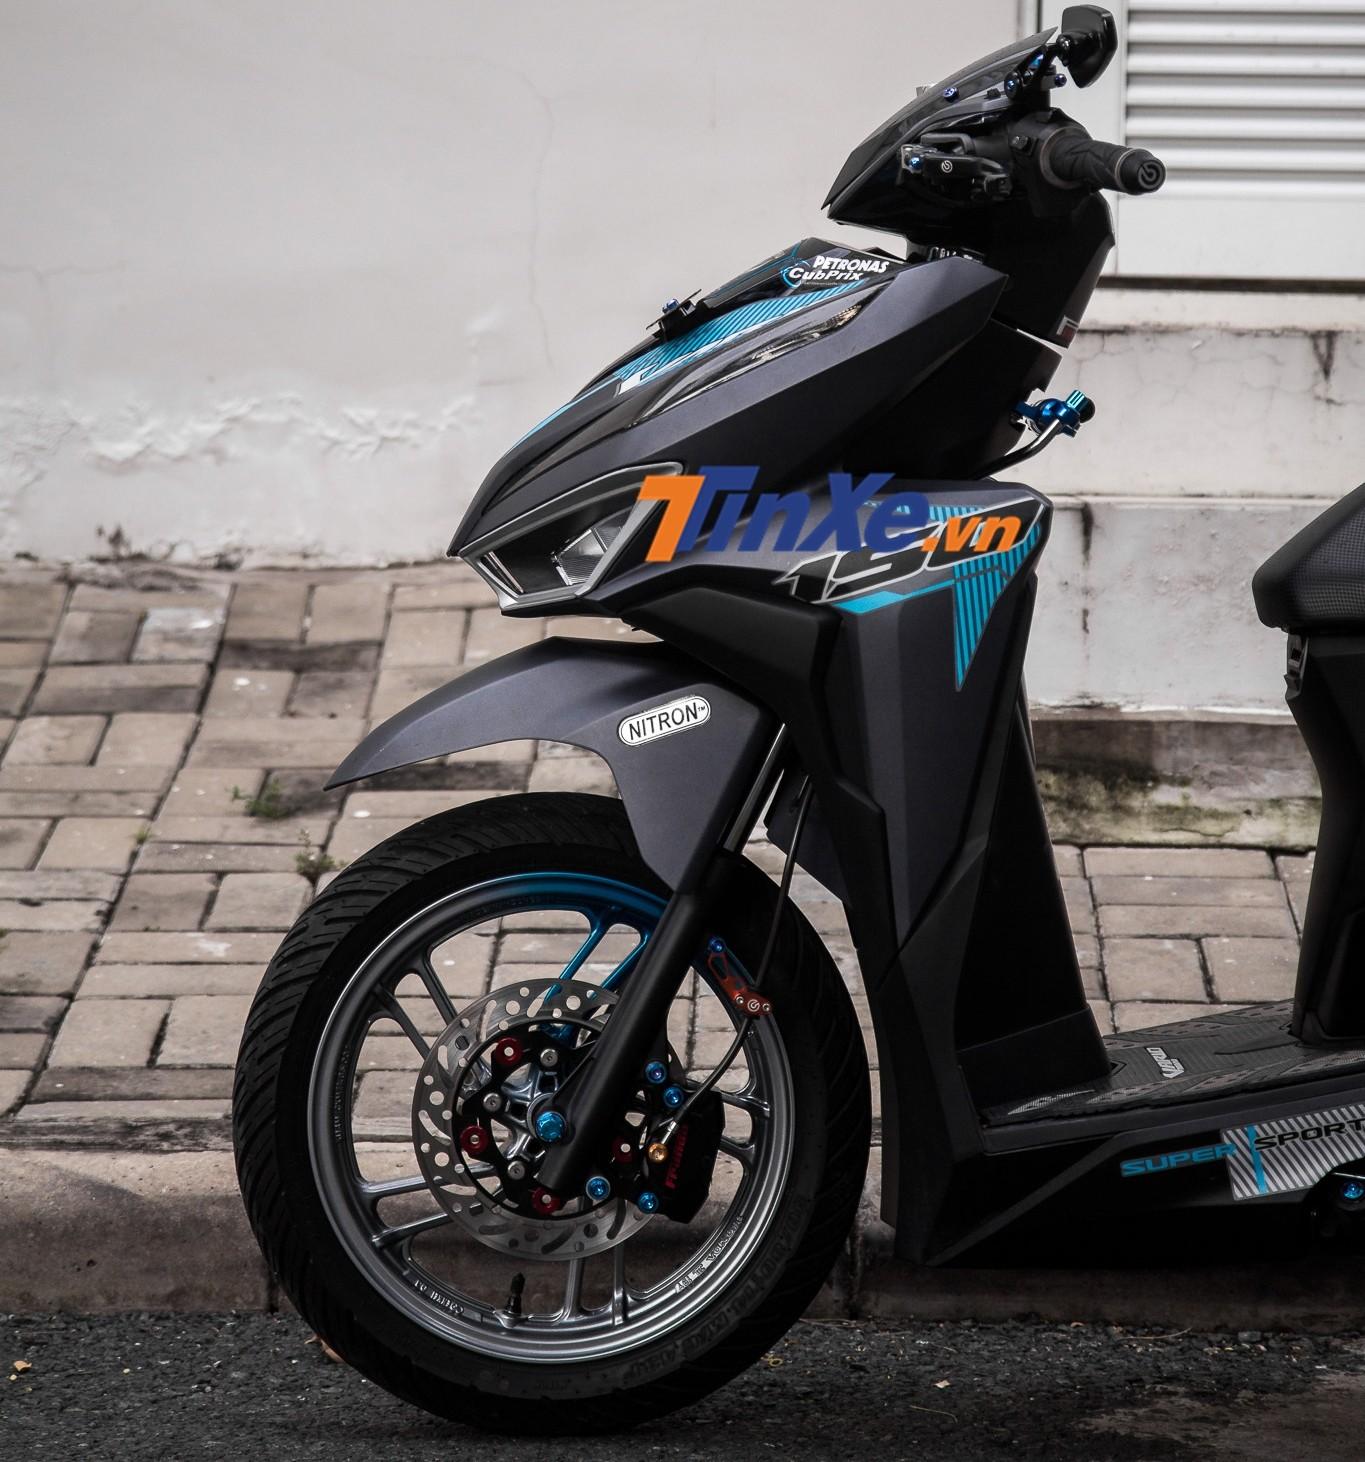 Bộ tem này là của mẫu xe Honda Vario 150 2018 phân phối chính hãng tại Malaysia